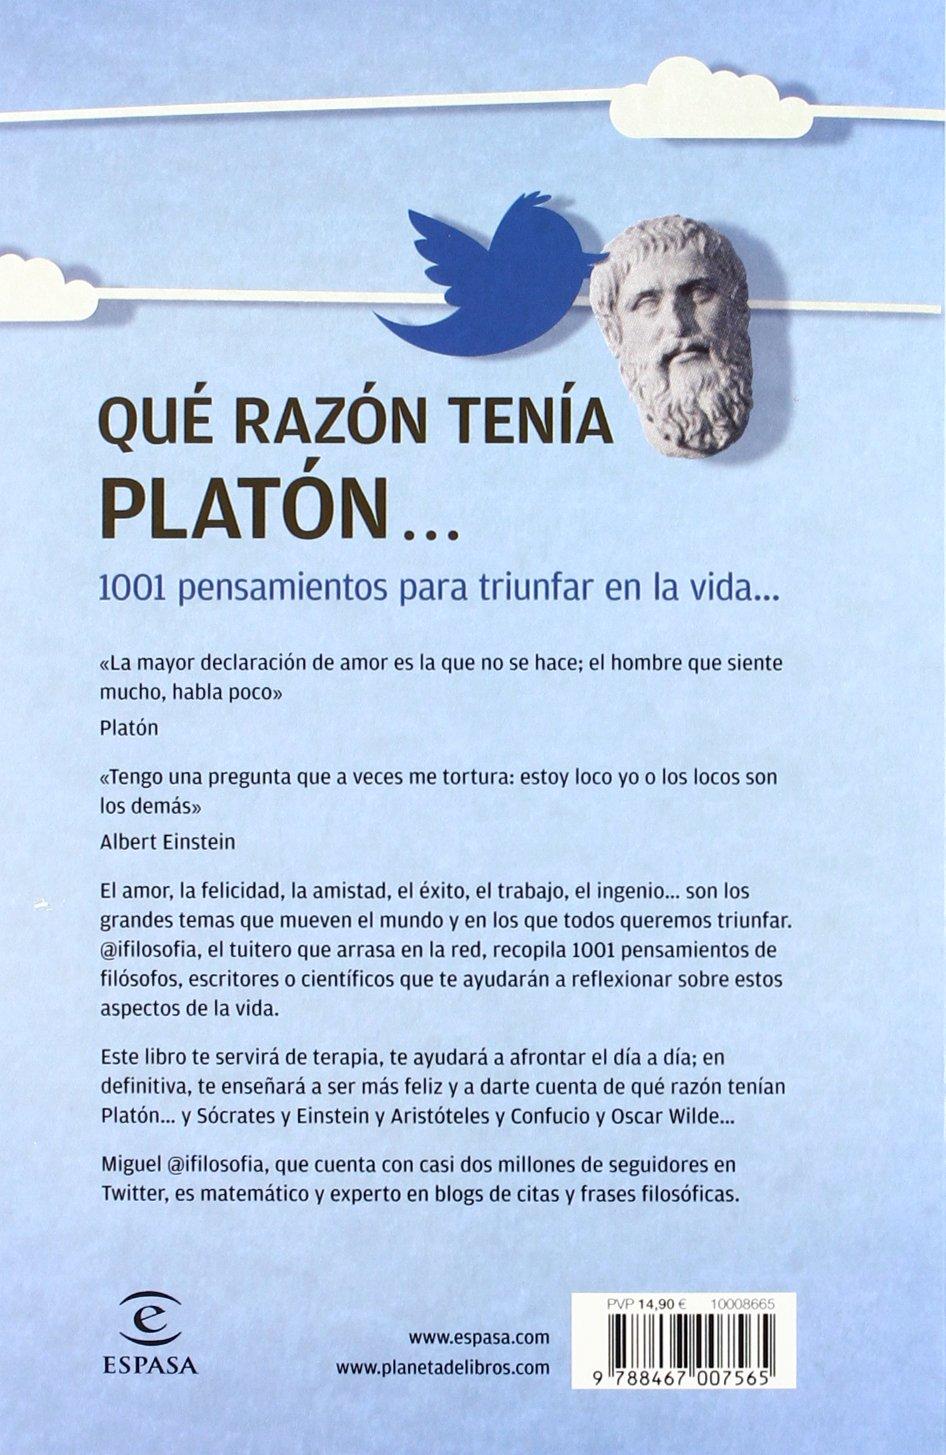 Qué Razón Tenía Platón Miguel Olmos At Ifilosofía 9788467007565